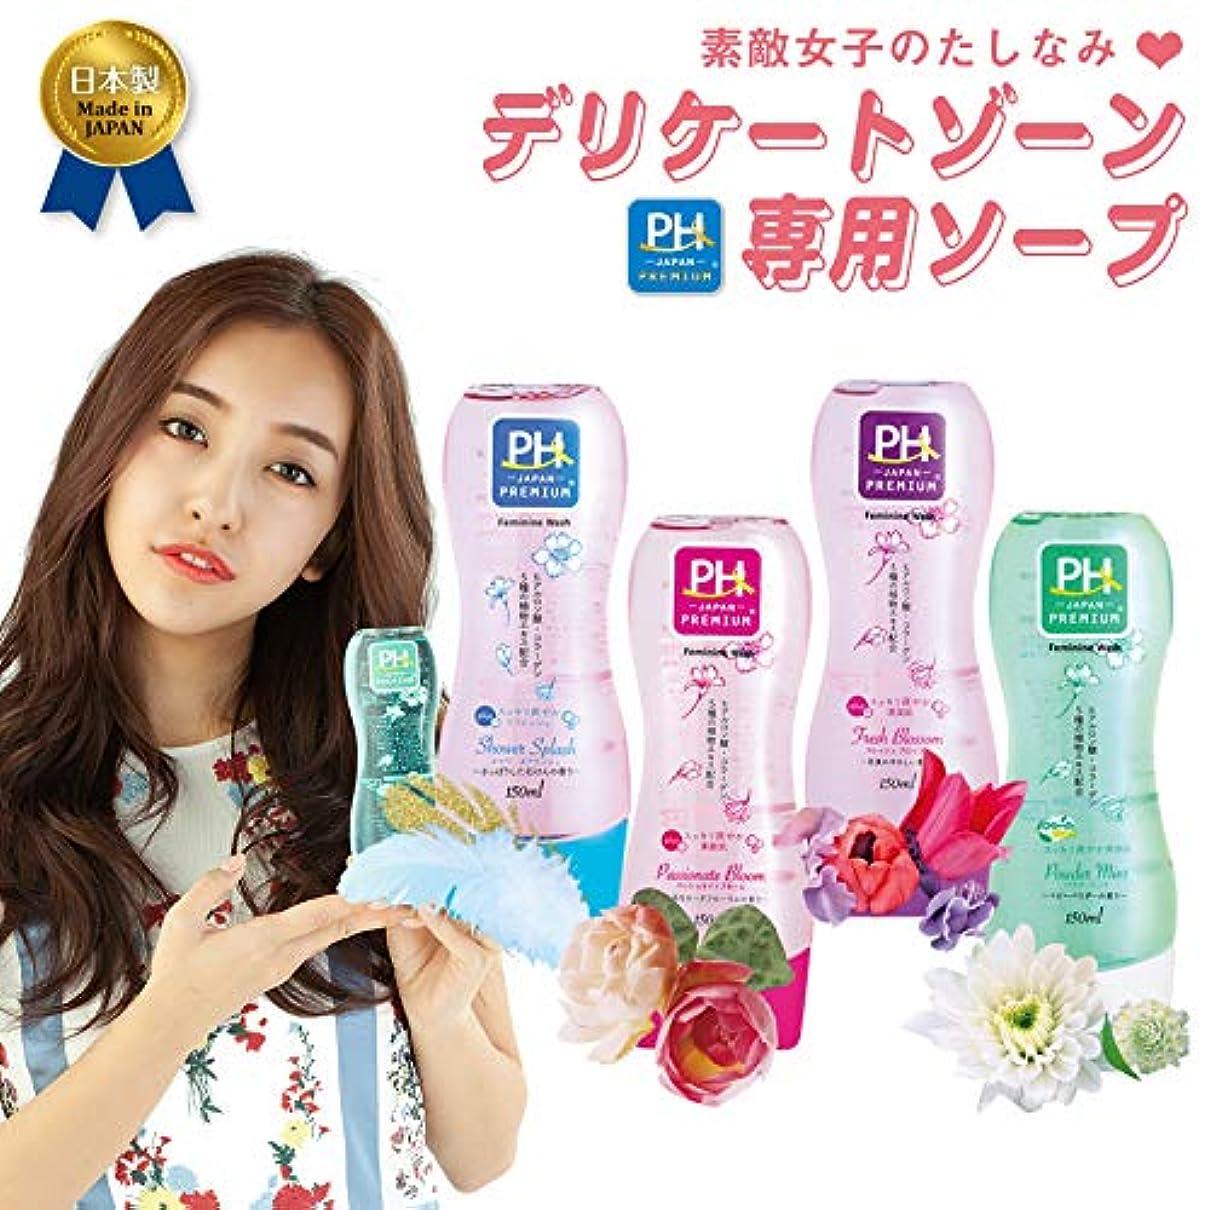 説得力のある私たちのしがみつくフレッシュブロッソム2本セット PH JAPAN フェミニンウォッシュ 花束のやさしい香り